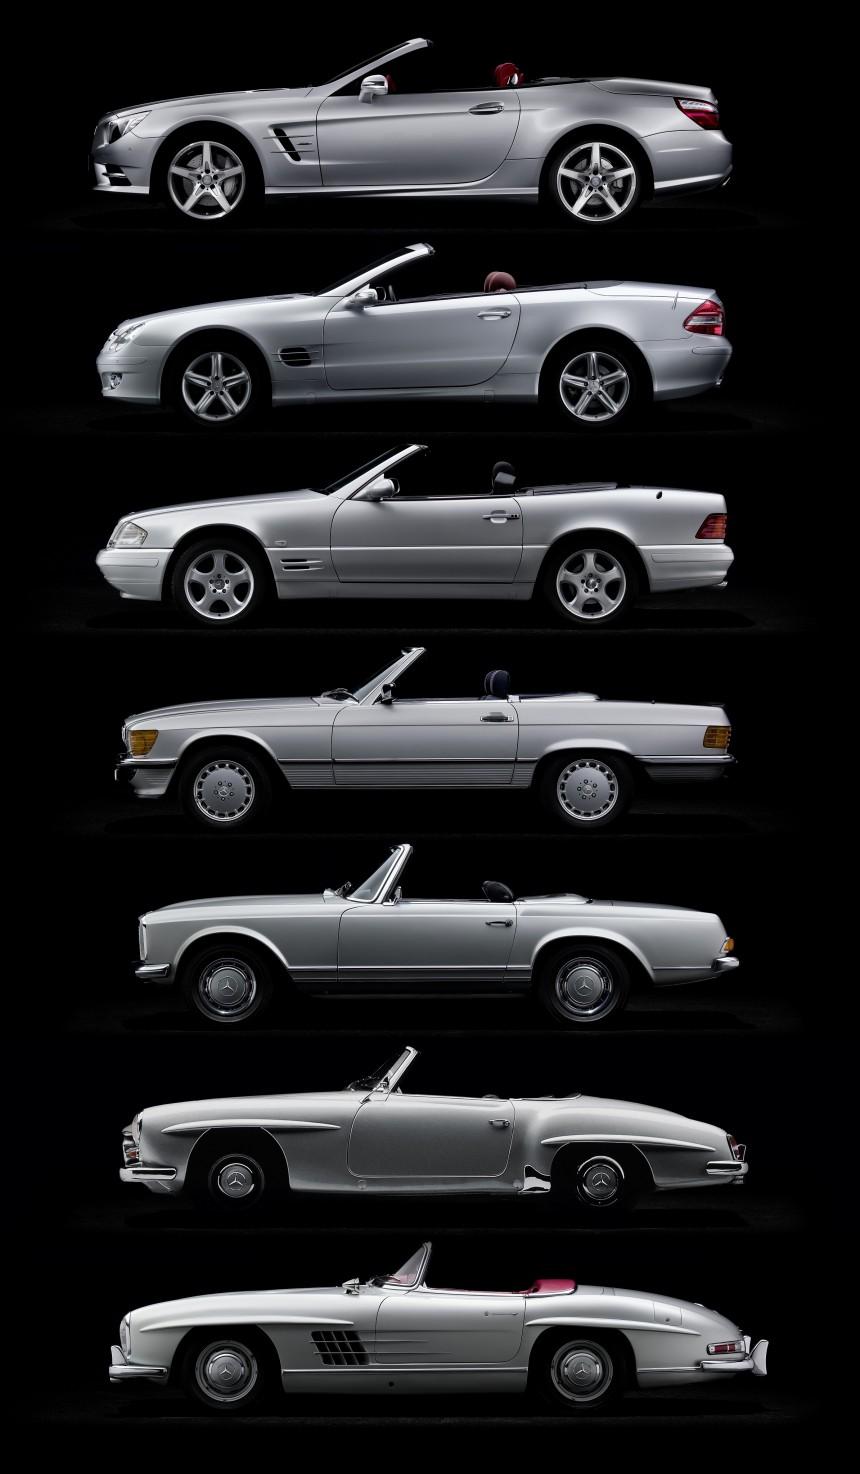 Новый Mercedes будет «спортивным и роскошным» 1